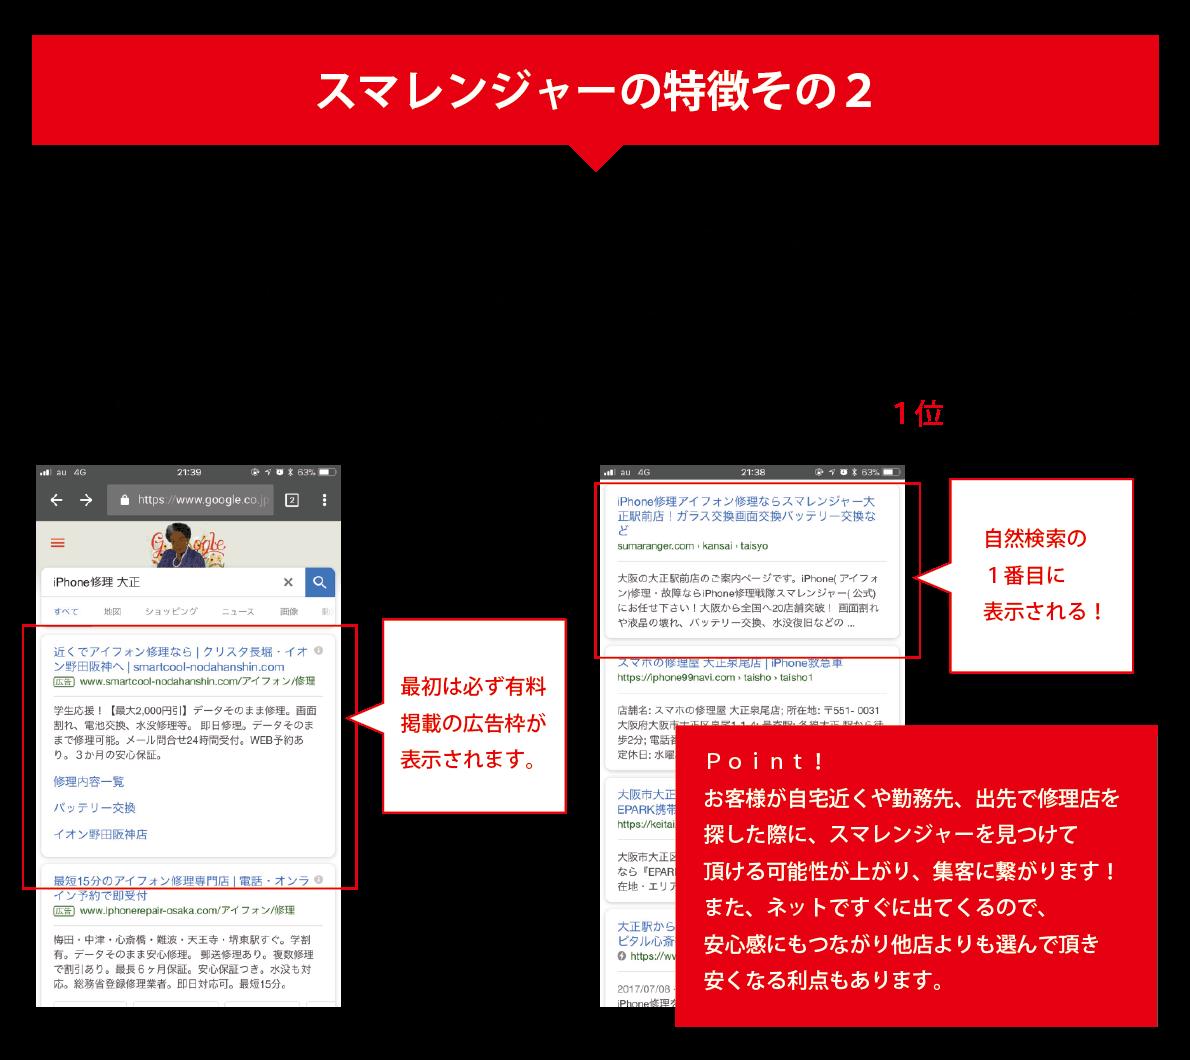 スマレンジャーFC資料その2